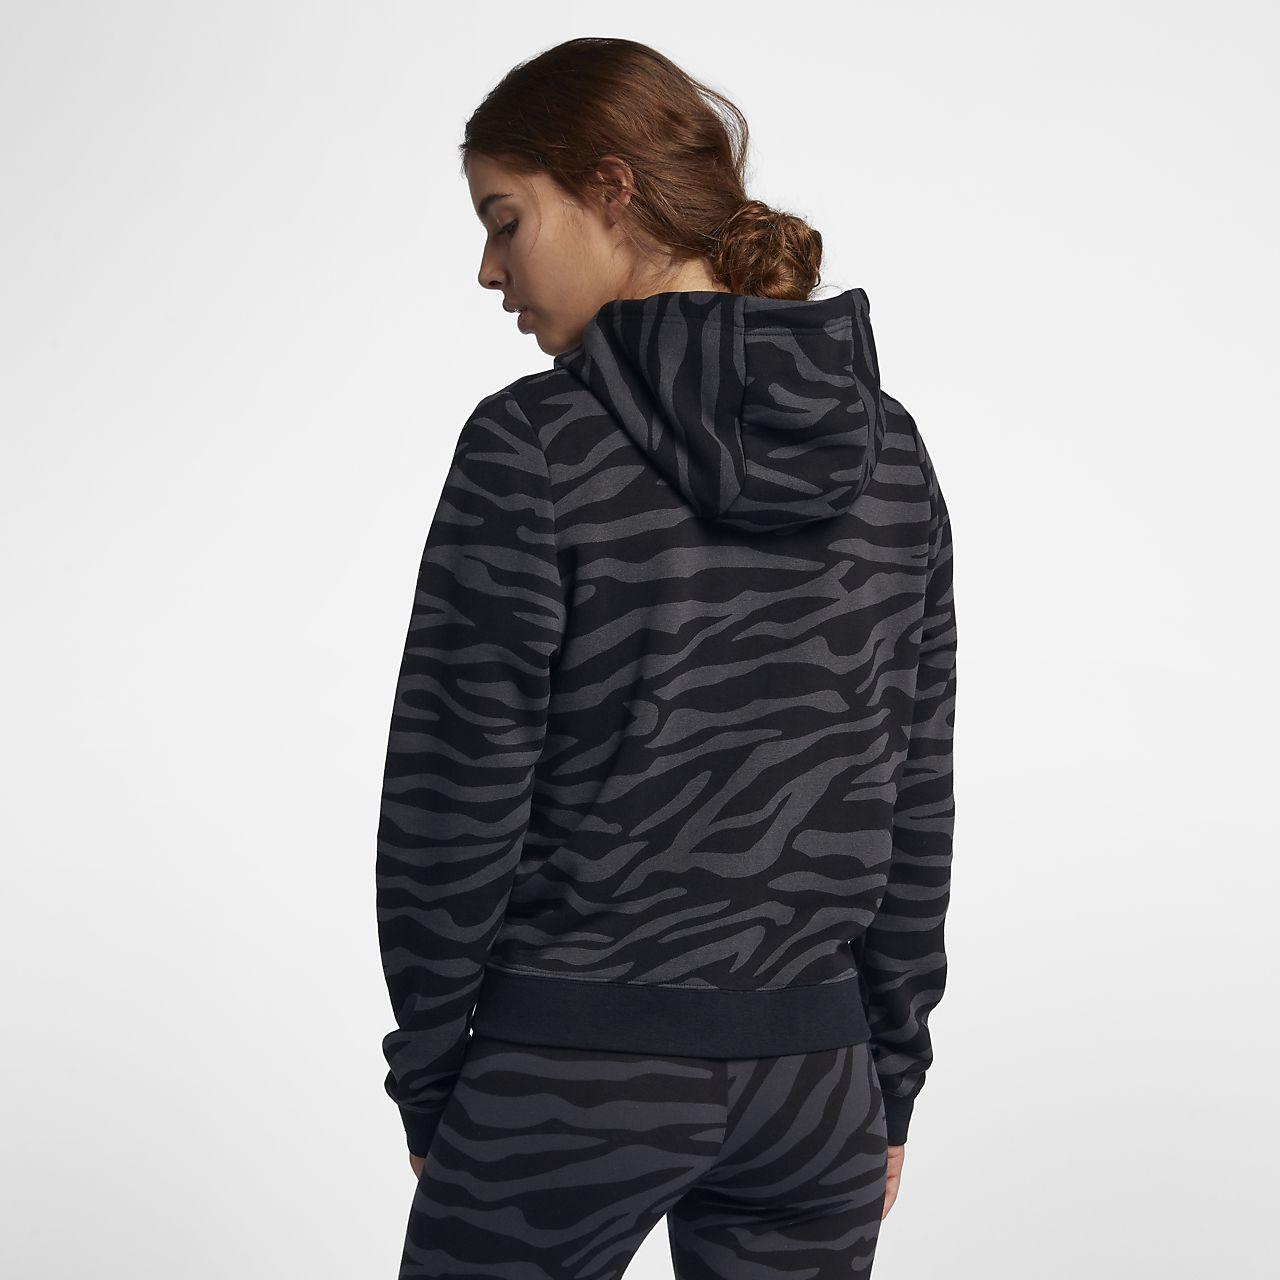 59e9bc09047d ... Felpa animalier con cappuccio e zip a tutta lunghezza Nike Sportswear -  Donna